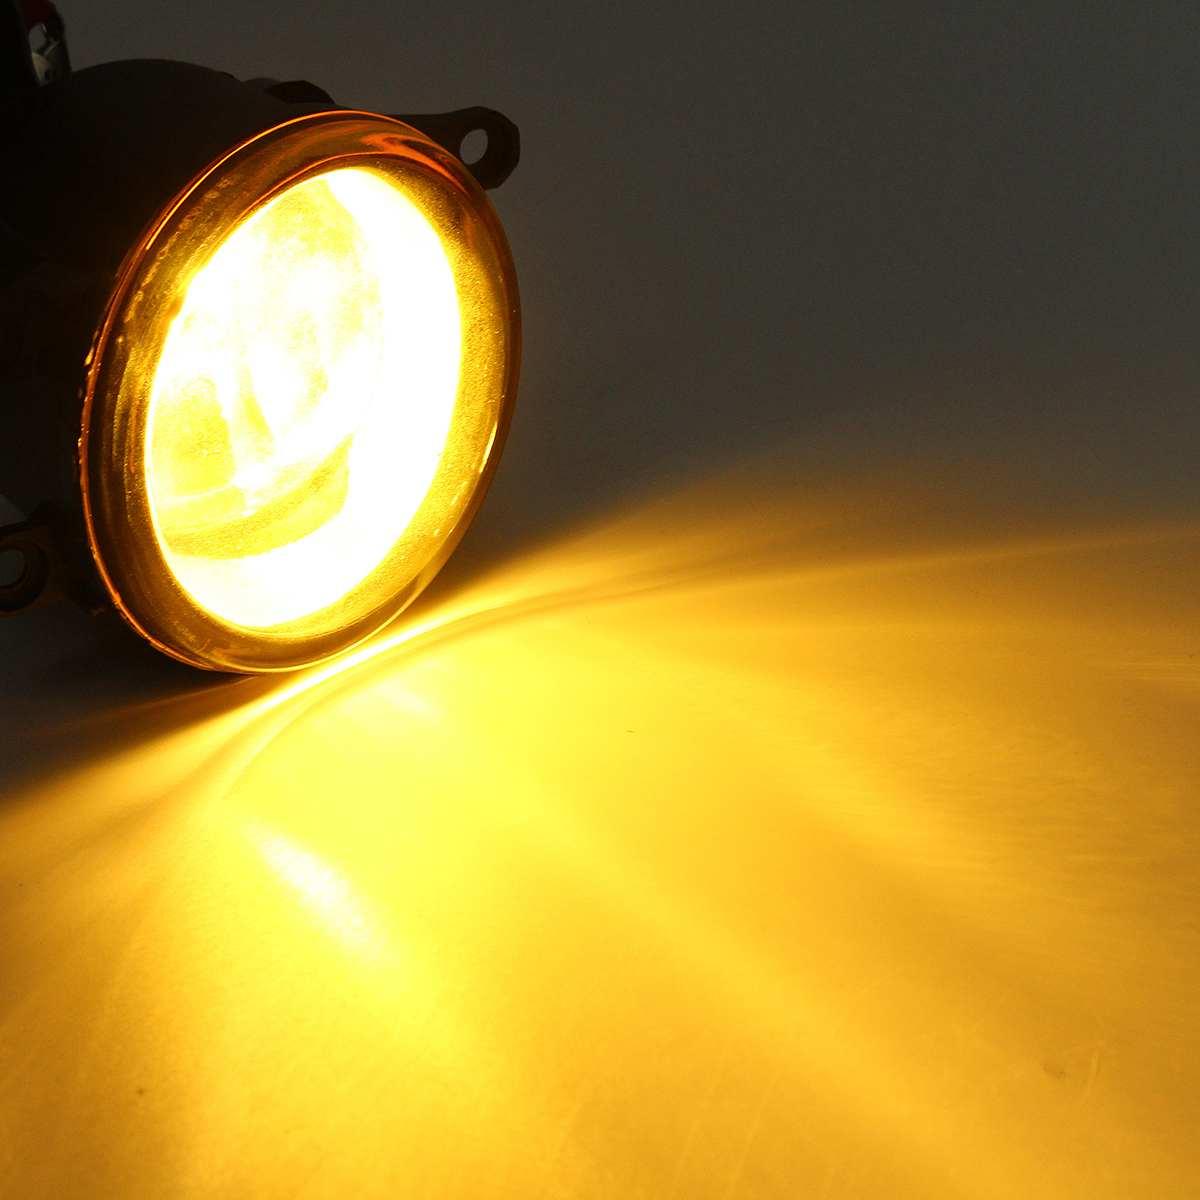 Новый 2 шт. 55 Вт светодиодный круглый передний правый/левый противотуманный светильник лампа DRL Дневной ходовой светильник s для Toyota/Camry/Carola/...